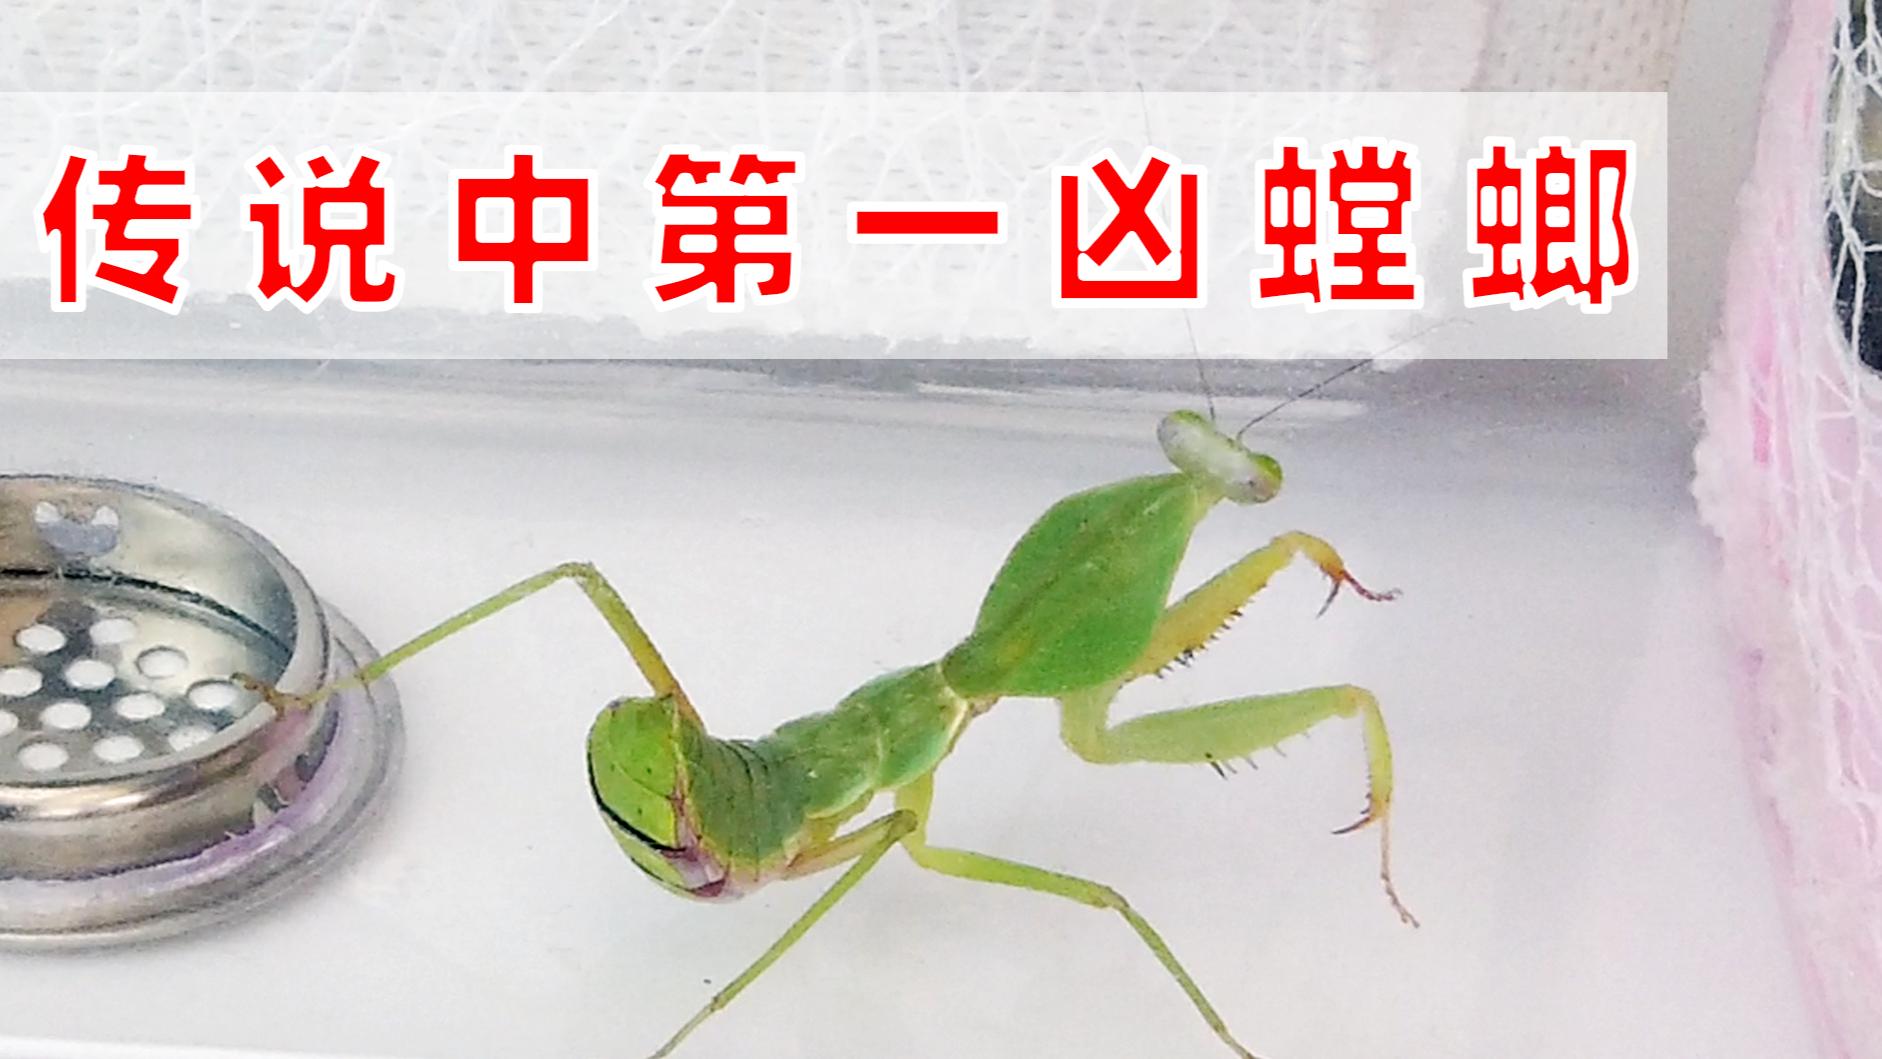 传说中第一凶螳螂开箱,真的那么厉害吗?